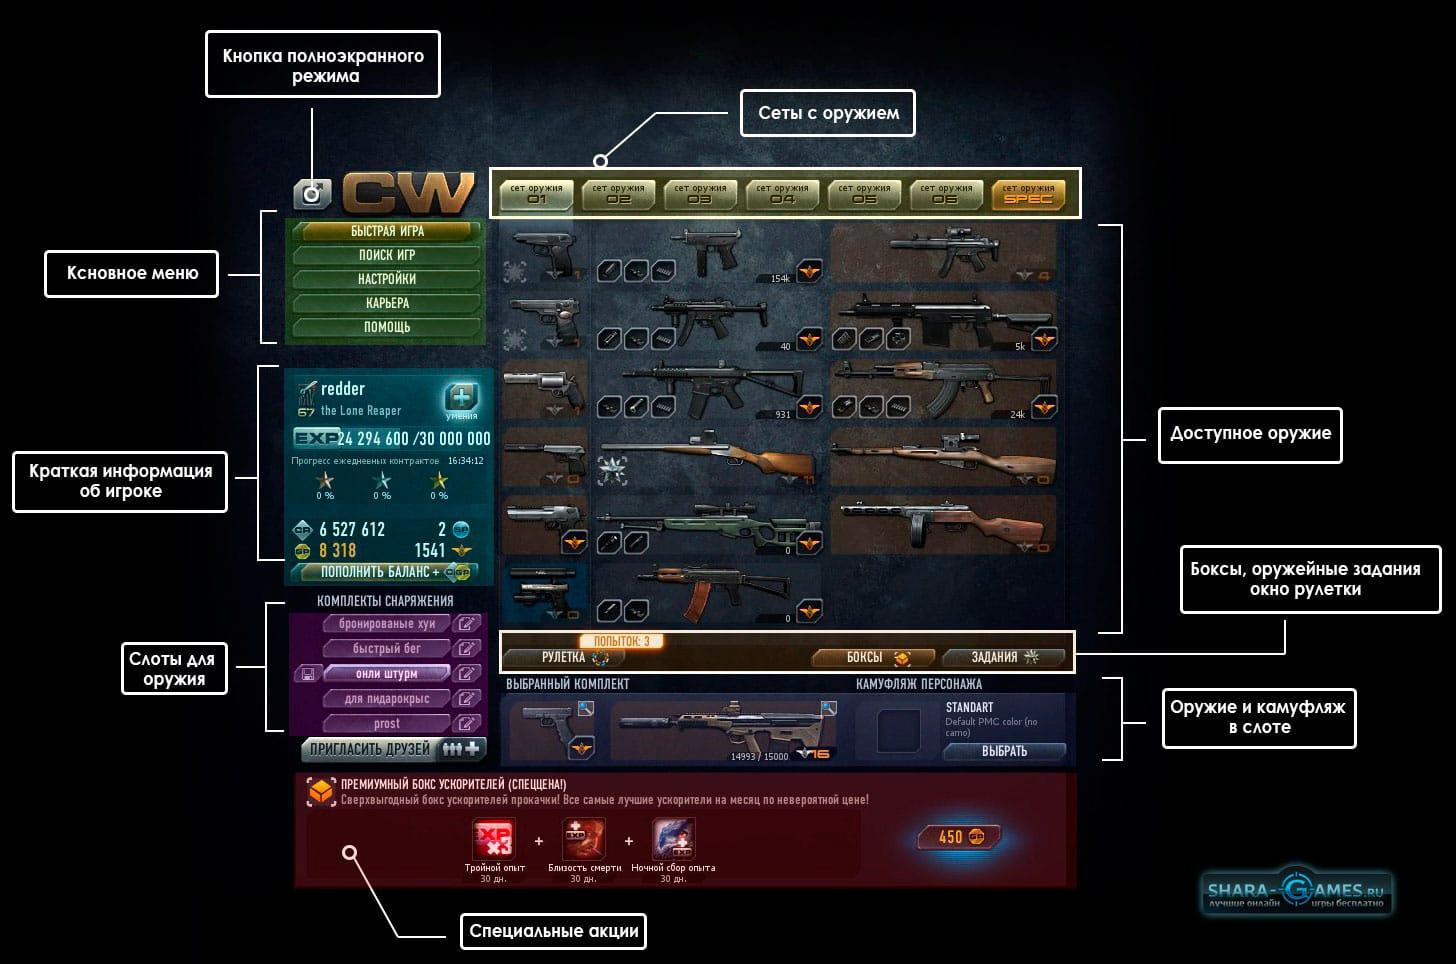 Интерфейс основного окна игры